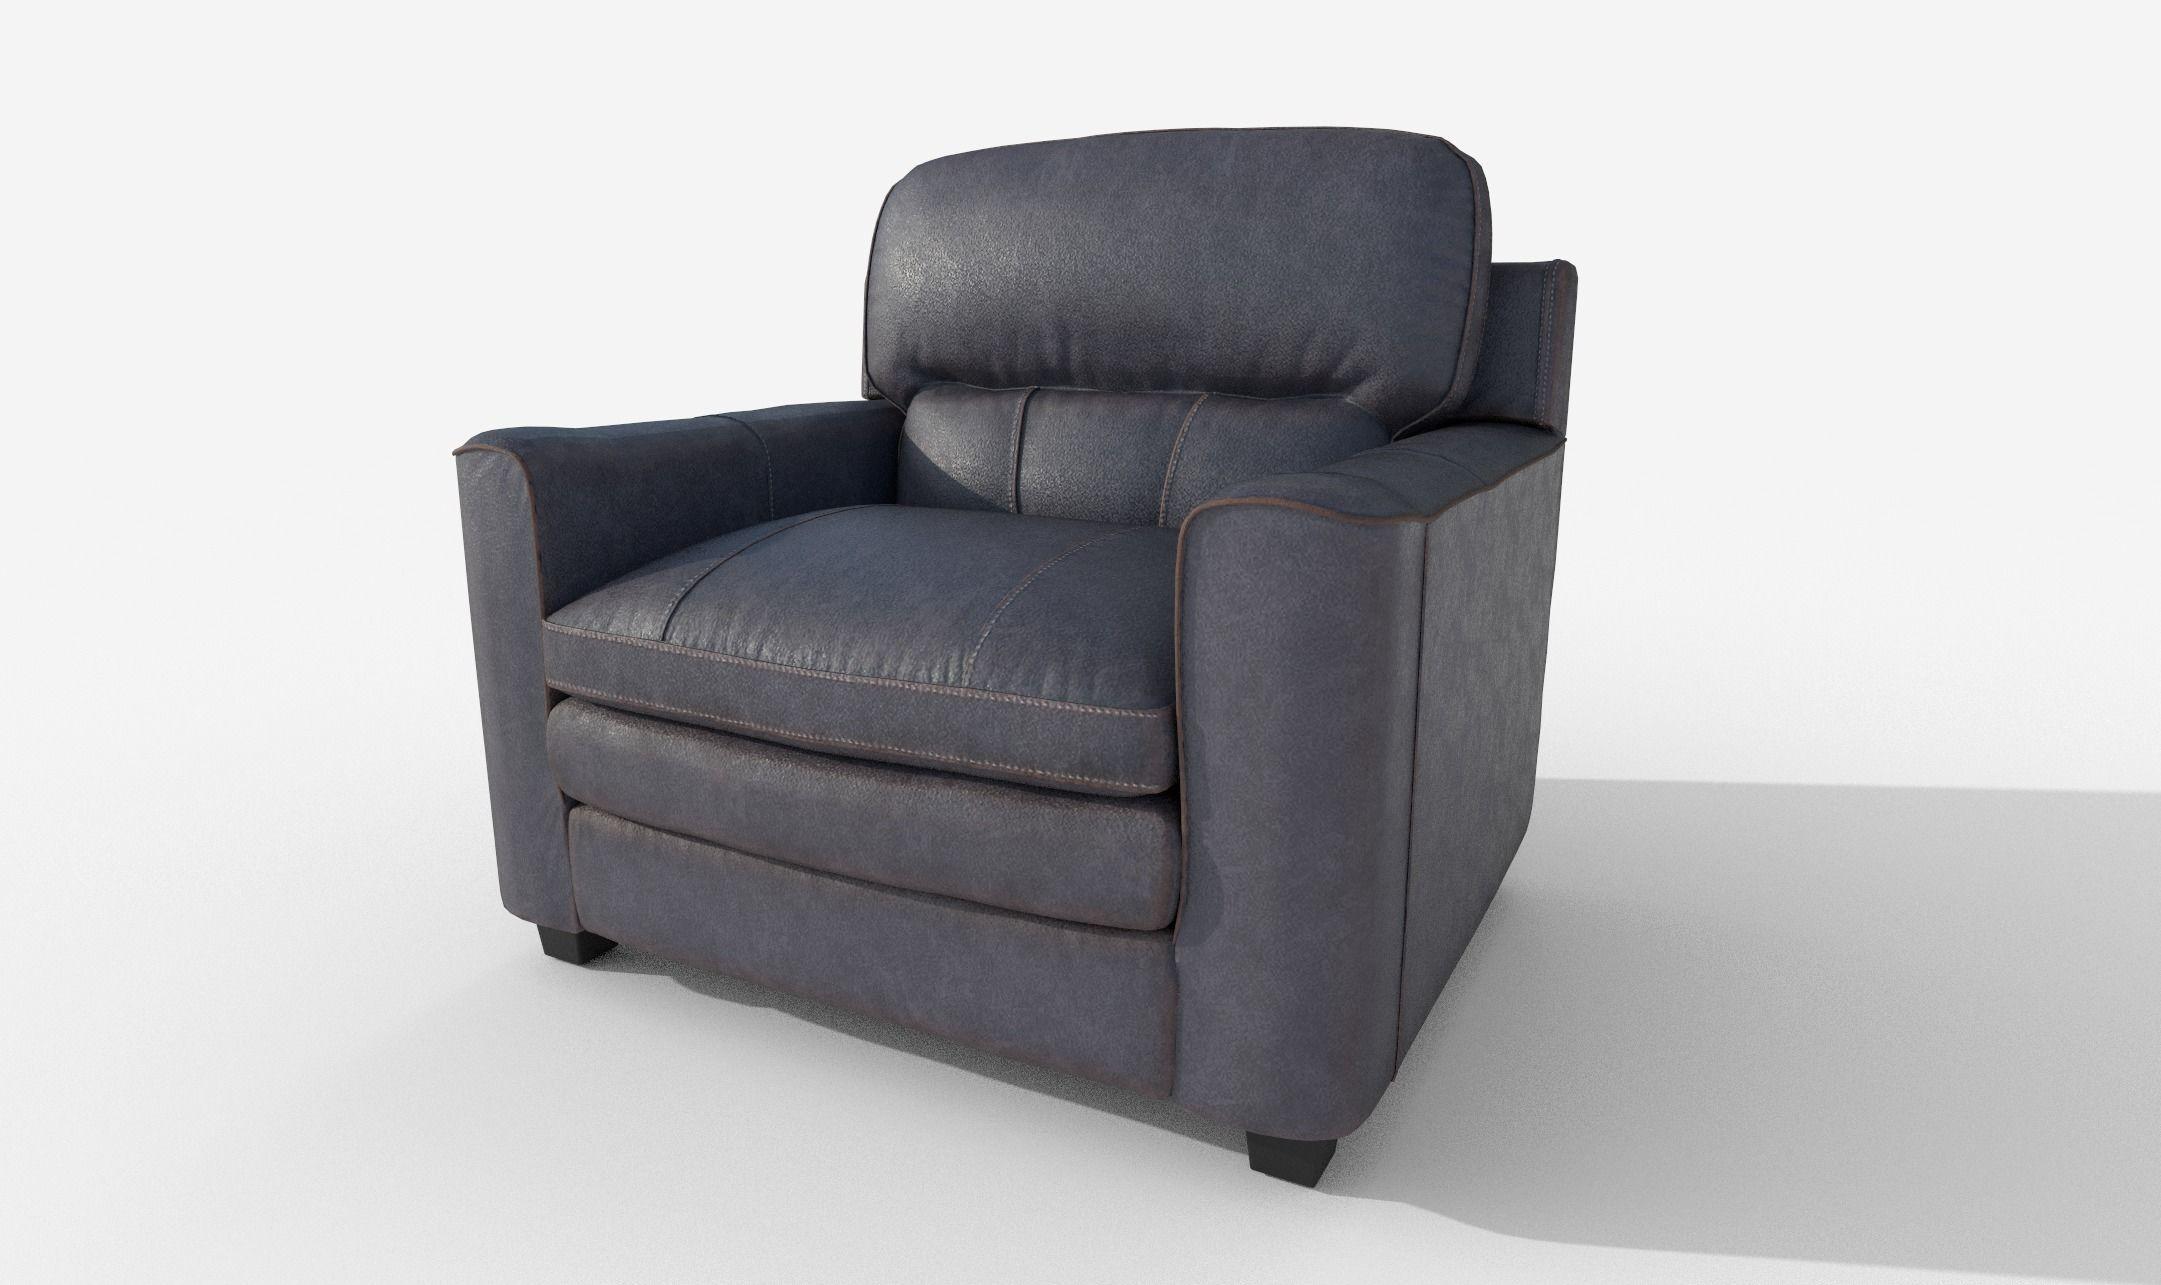 Armchair Gleason Ottoman sofa